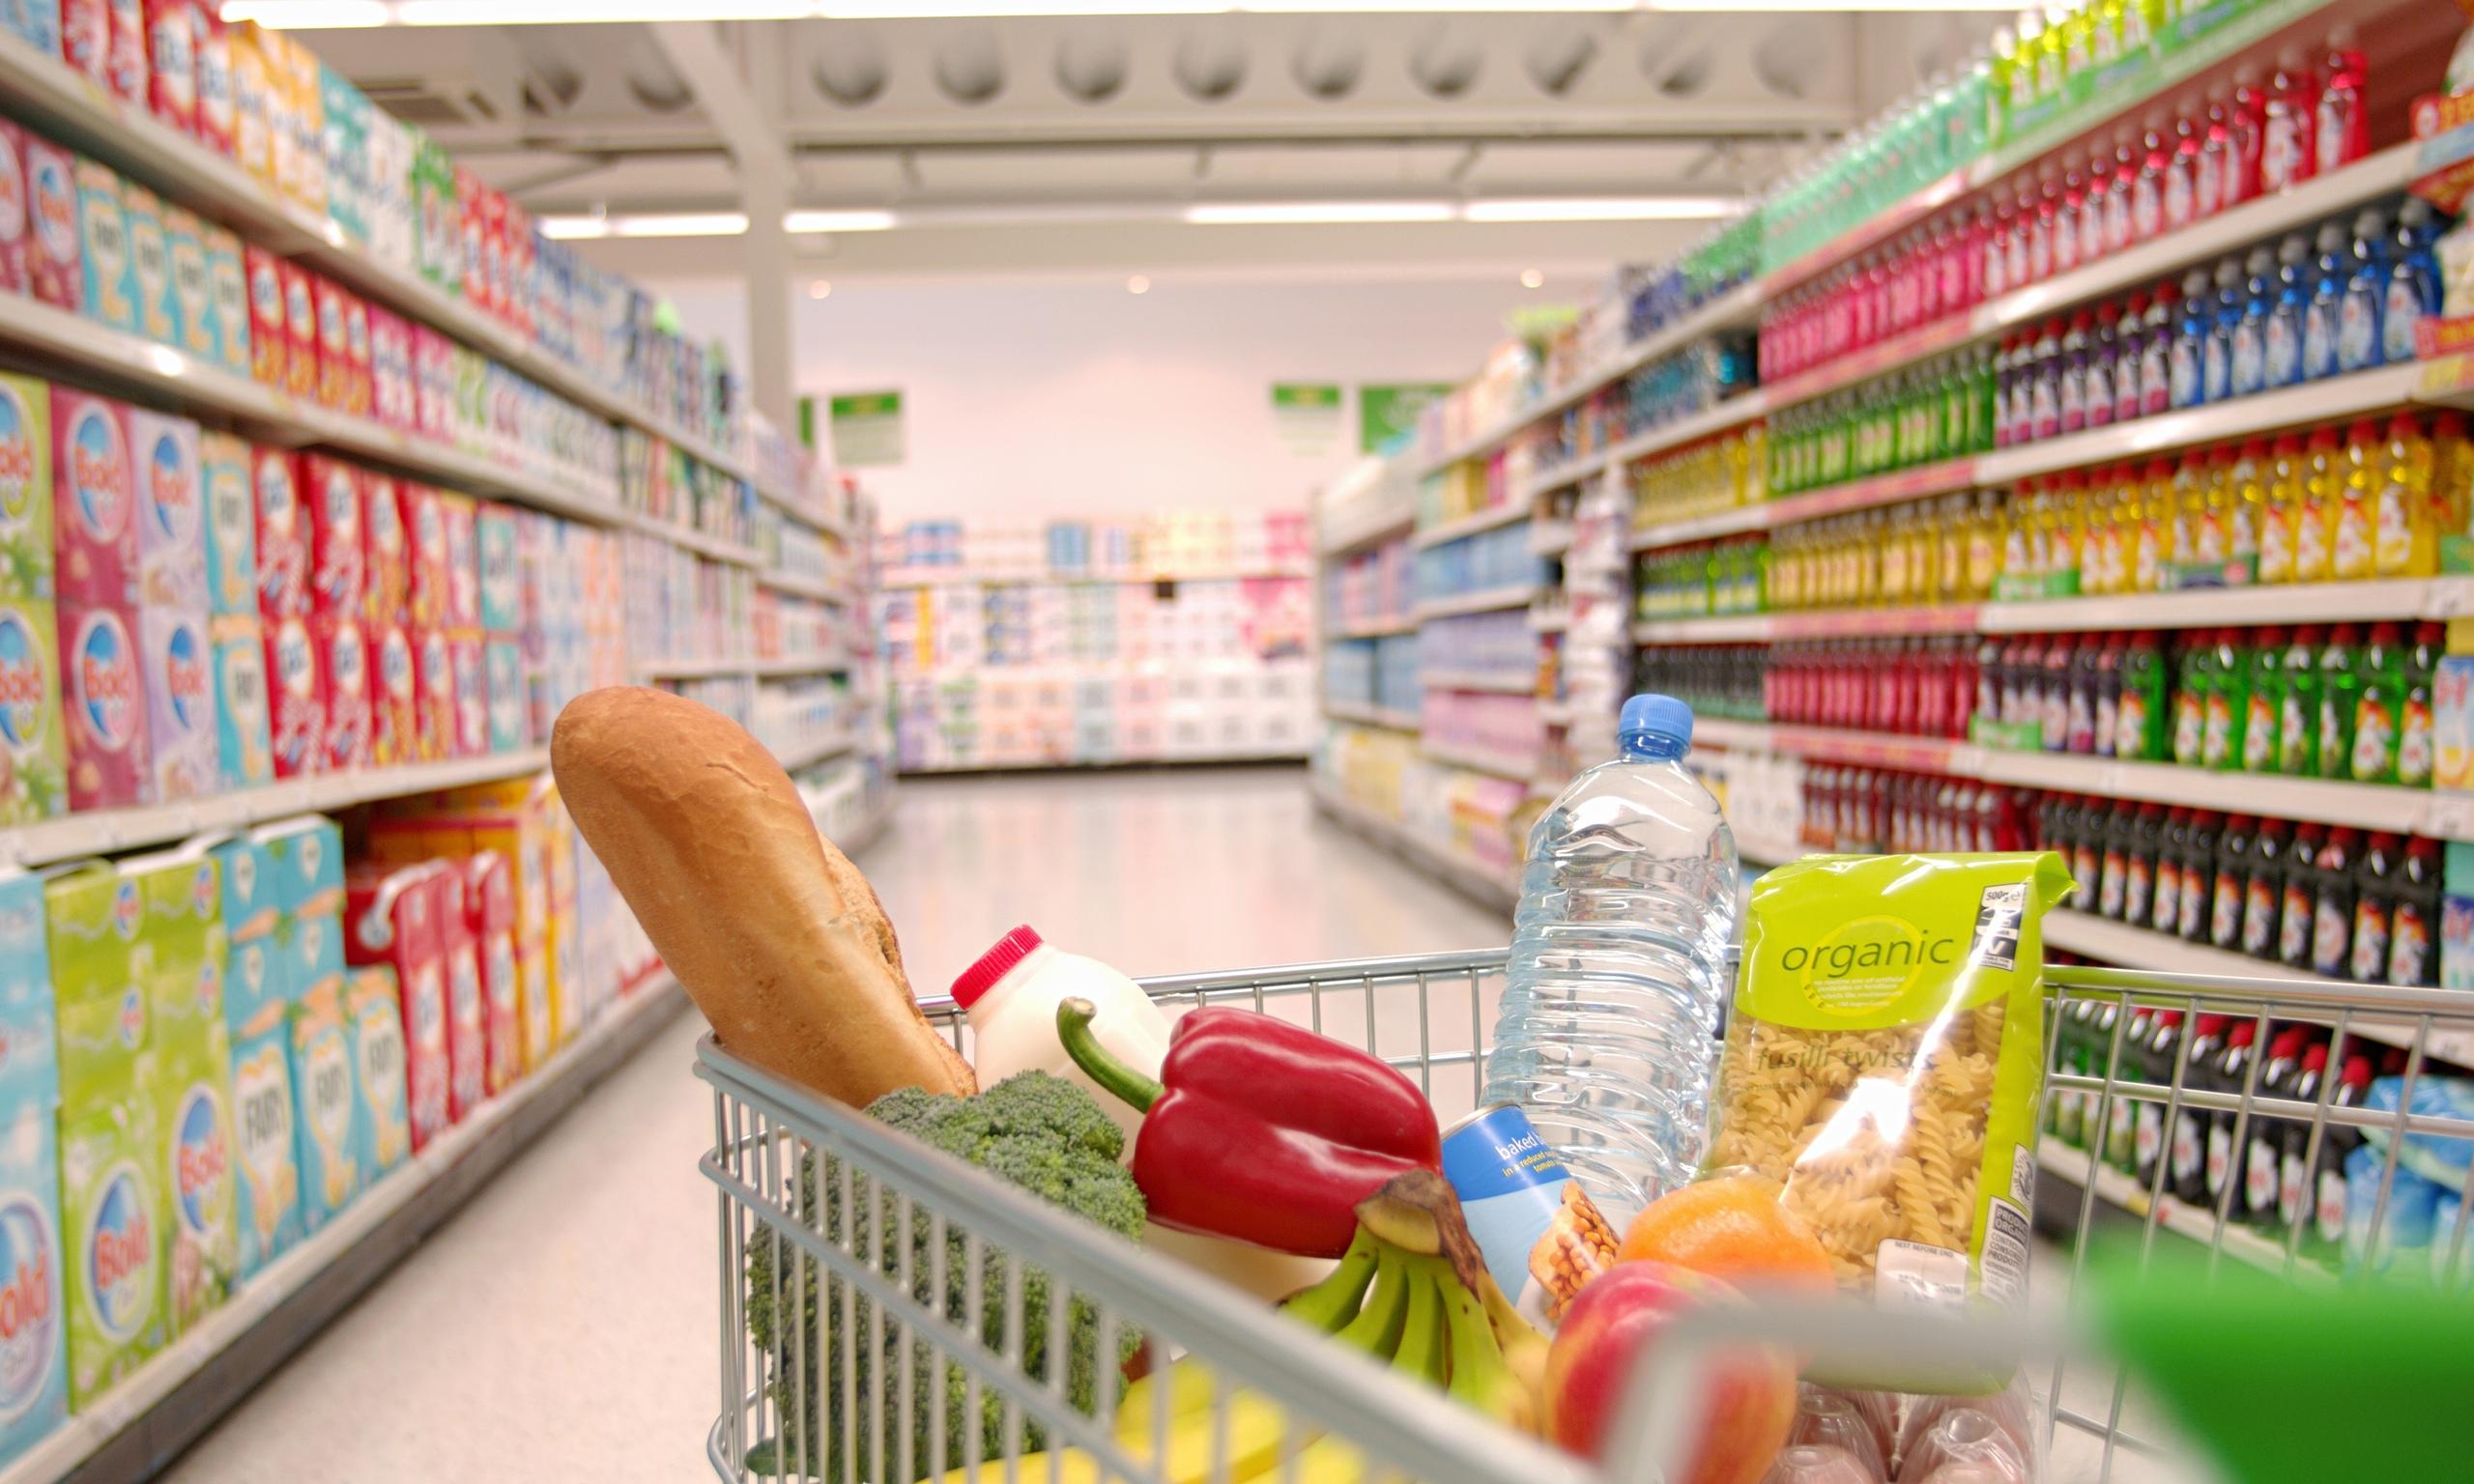 新生季 |法国的超市大盘点,你要的干货,拿去!